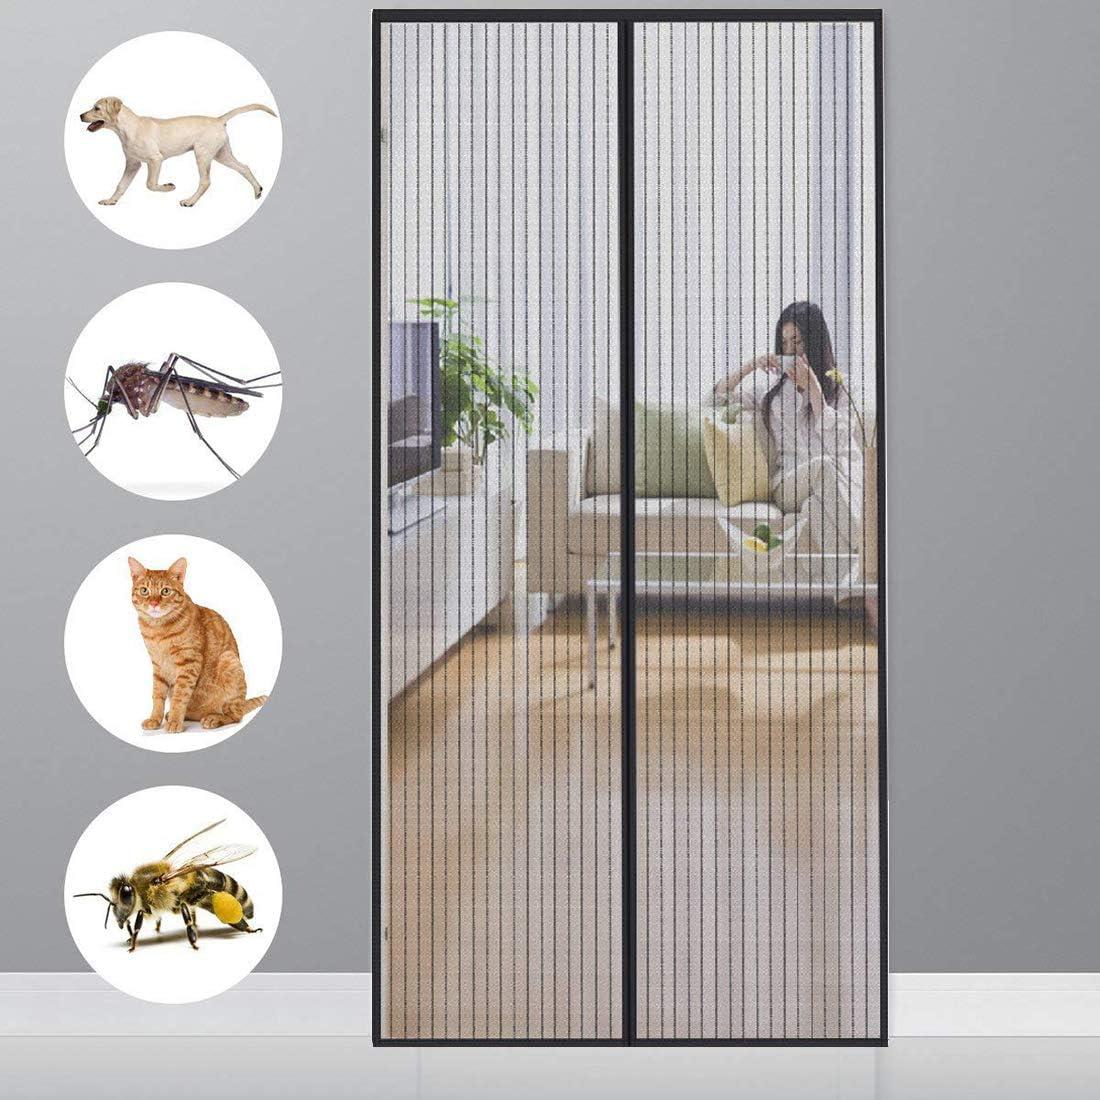 Klebemontage Ohne Bohren Passt T/ürgr/ö/ße bis zu Black CHENG Magnet Insektenschutz T/ür 150x230cm Automatisches/Schlie/ßen/Insektenschutz/f/ür Magnet Fliegenvorhang